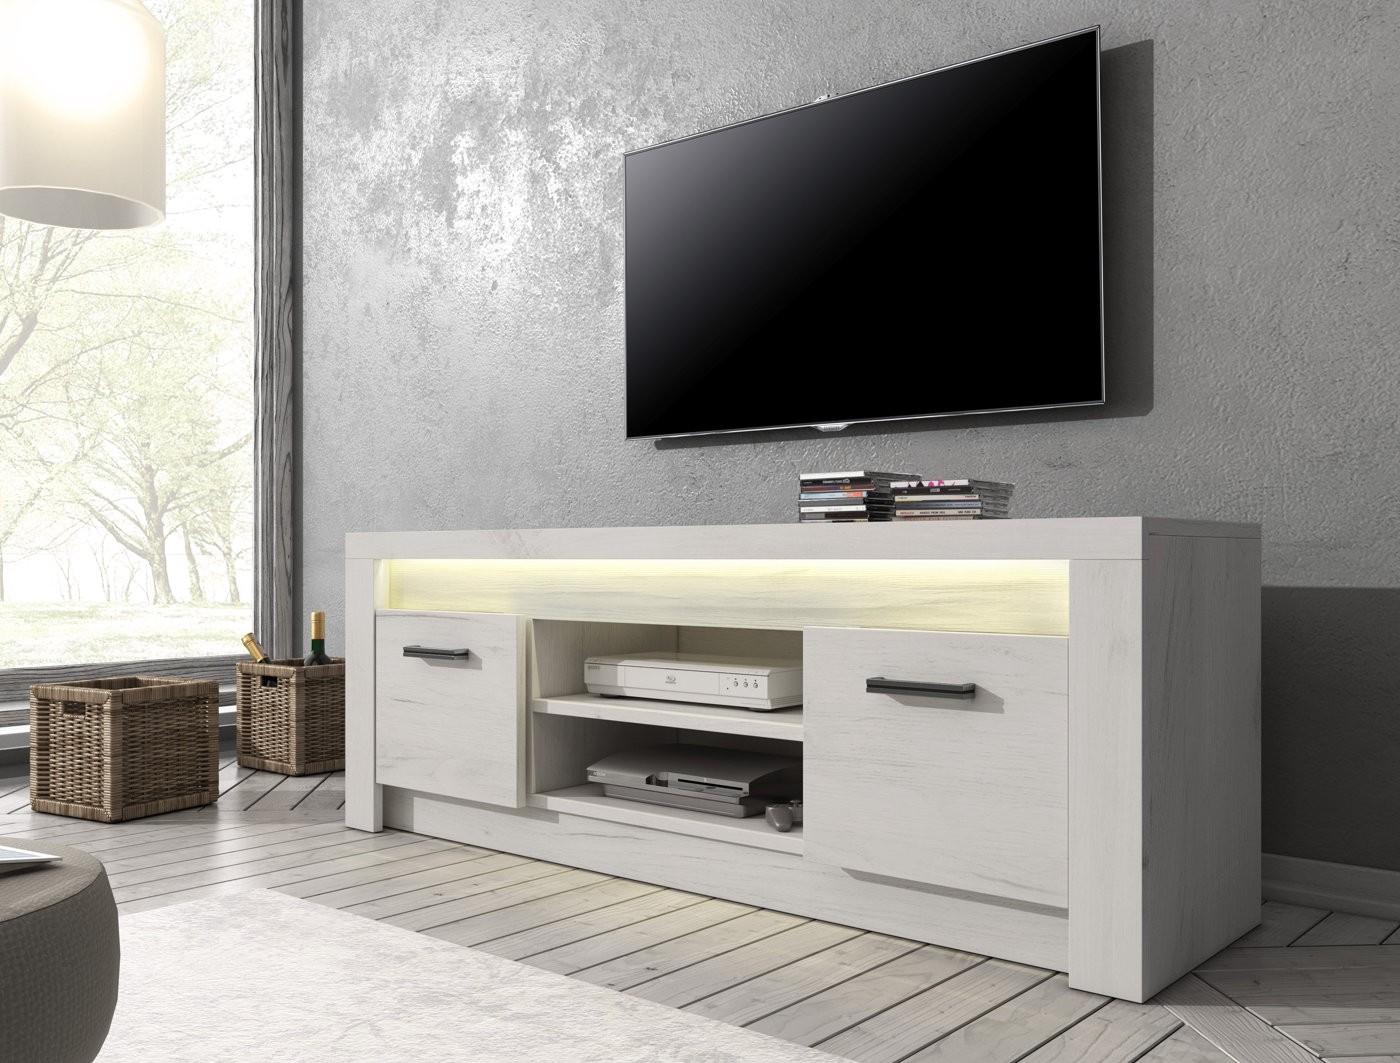 Tv meubelen koop jouw nieuwe tv meubel op jysk